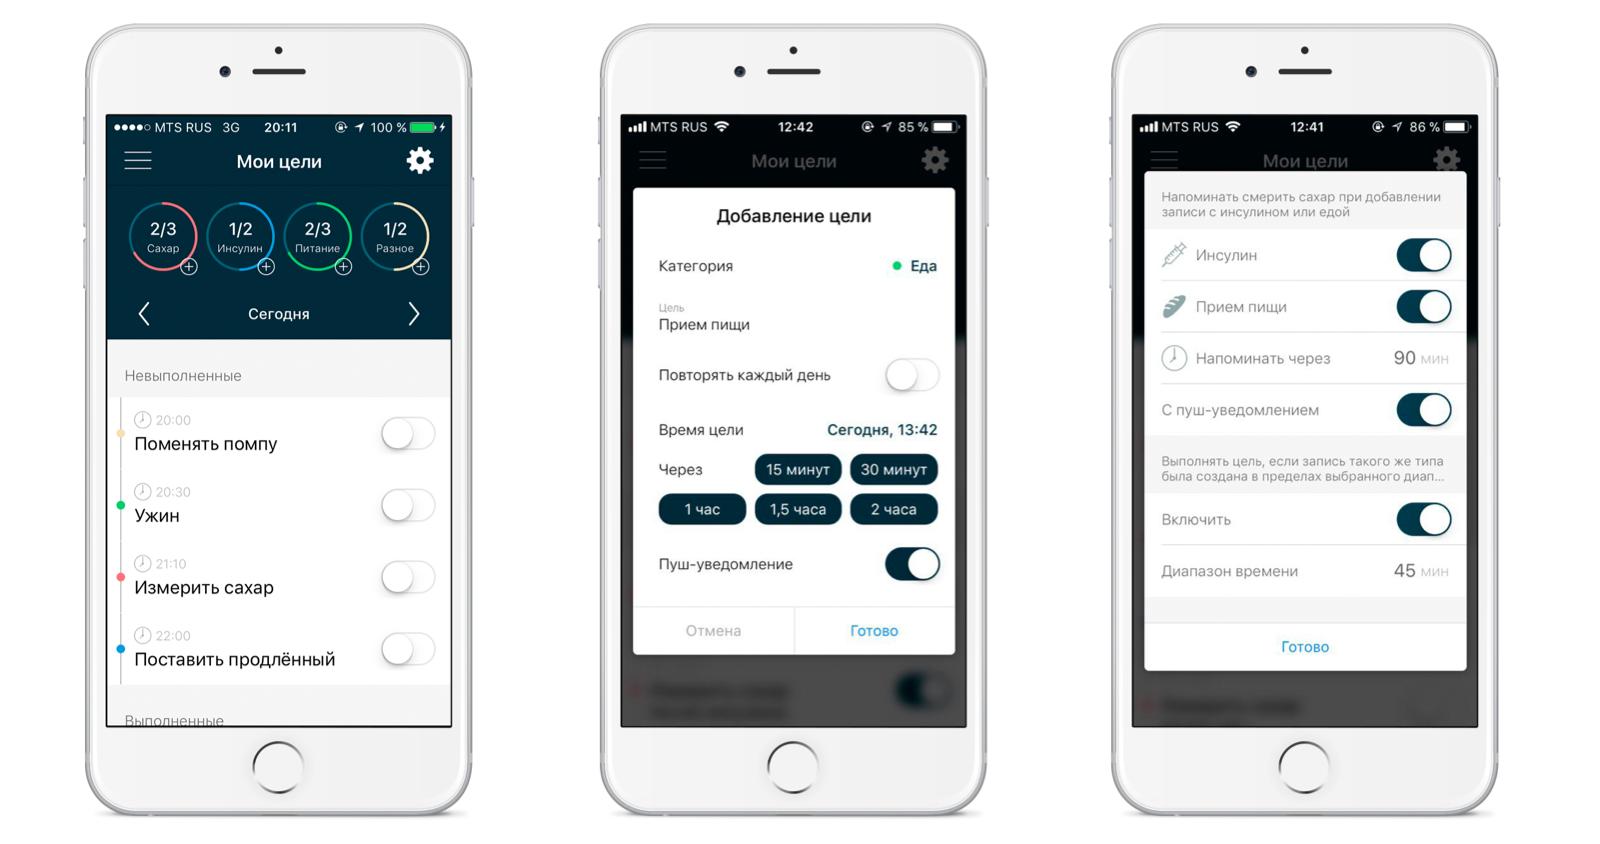 Разработка интерфейса приложения для пожизненного использования на примере мобильного дневника диабета - 9